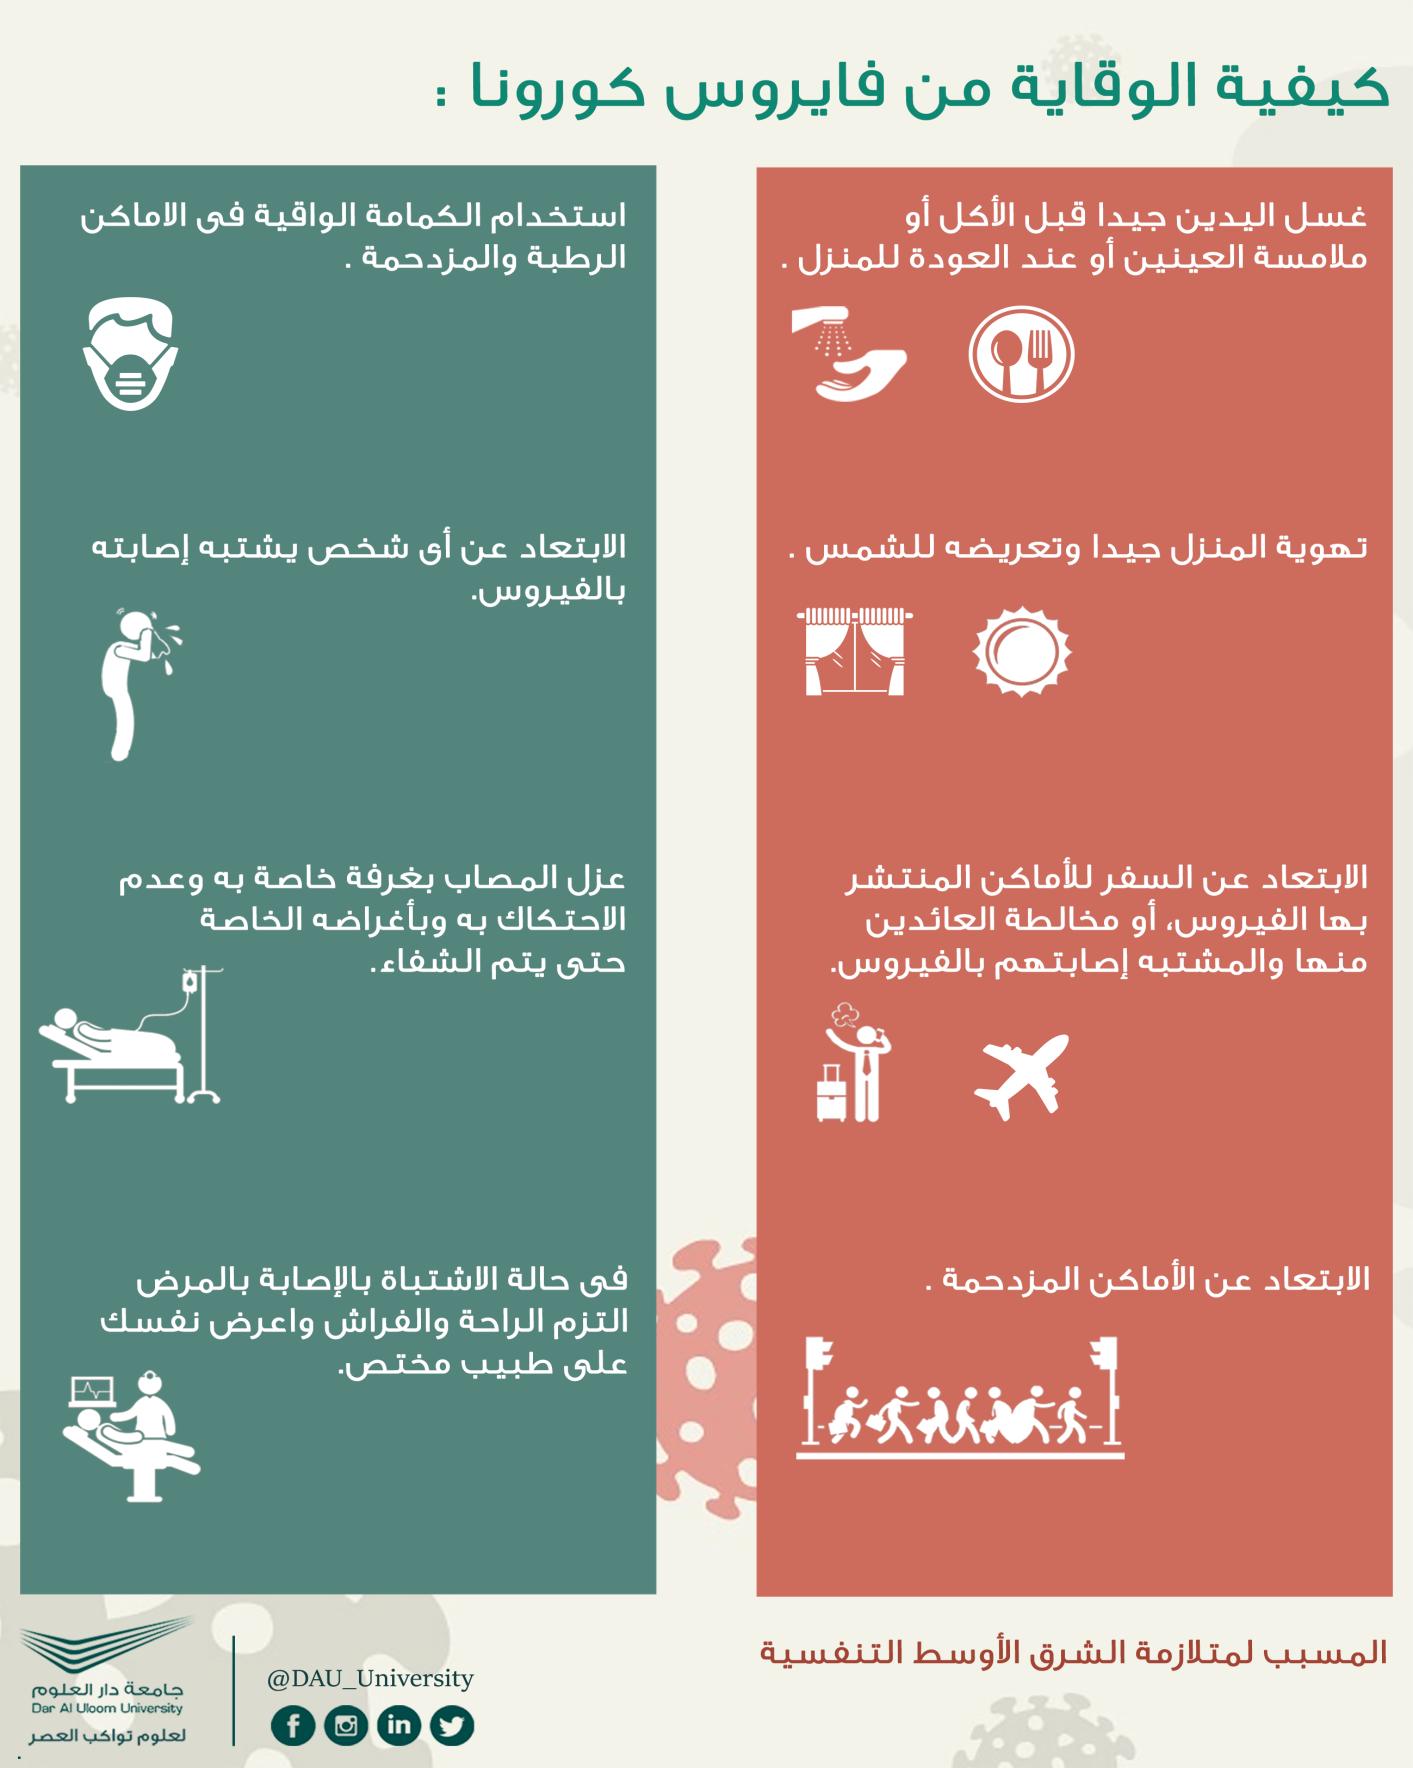 Methods of prevention of Corona virus